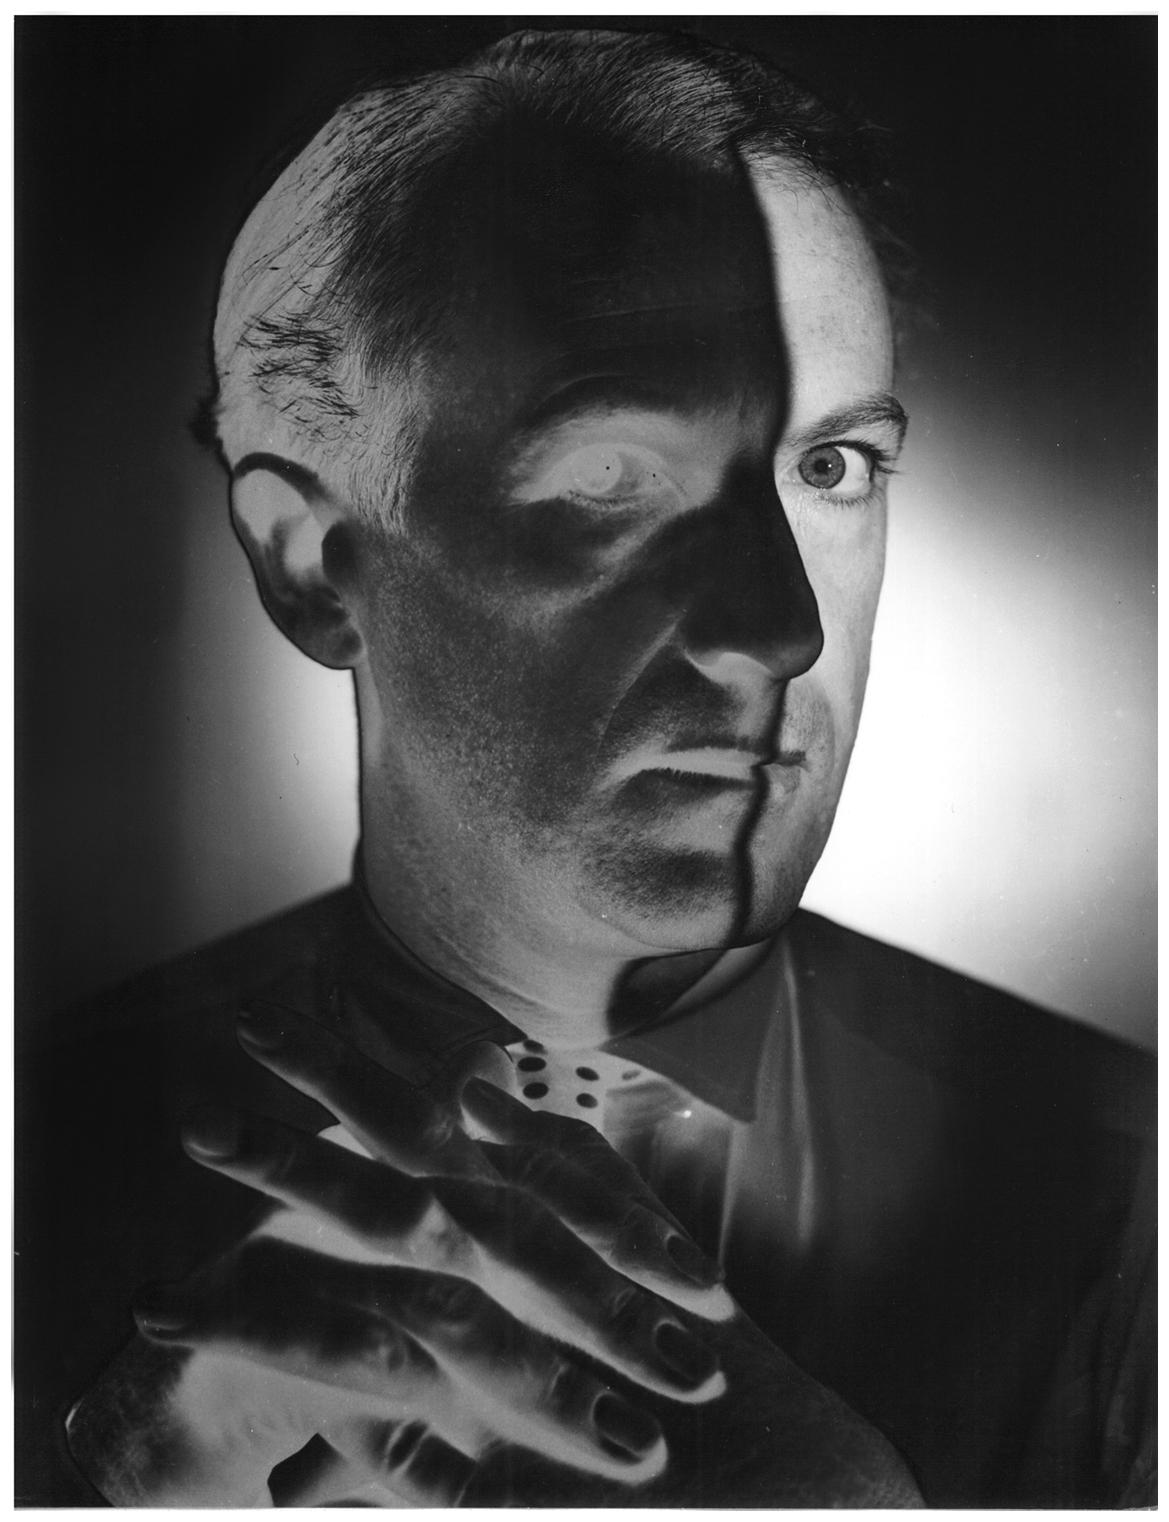 Erwin Blumendeld- Cecil Beaton, 19'-